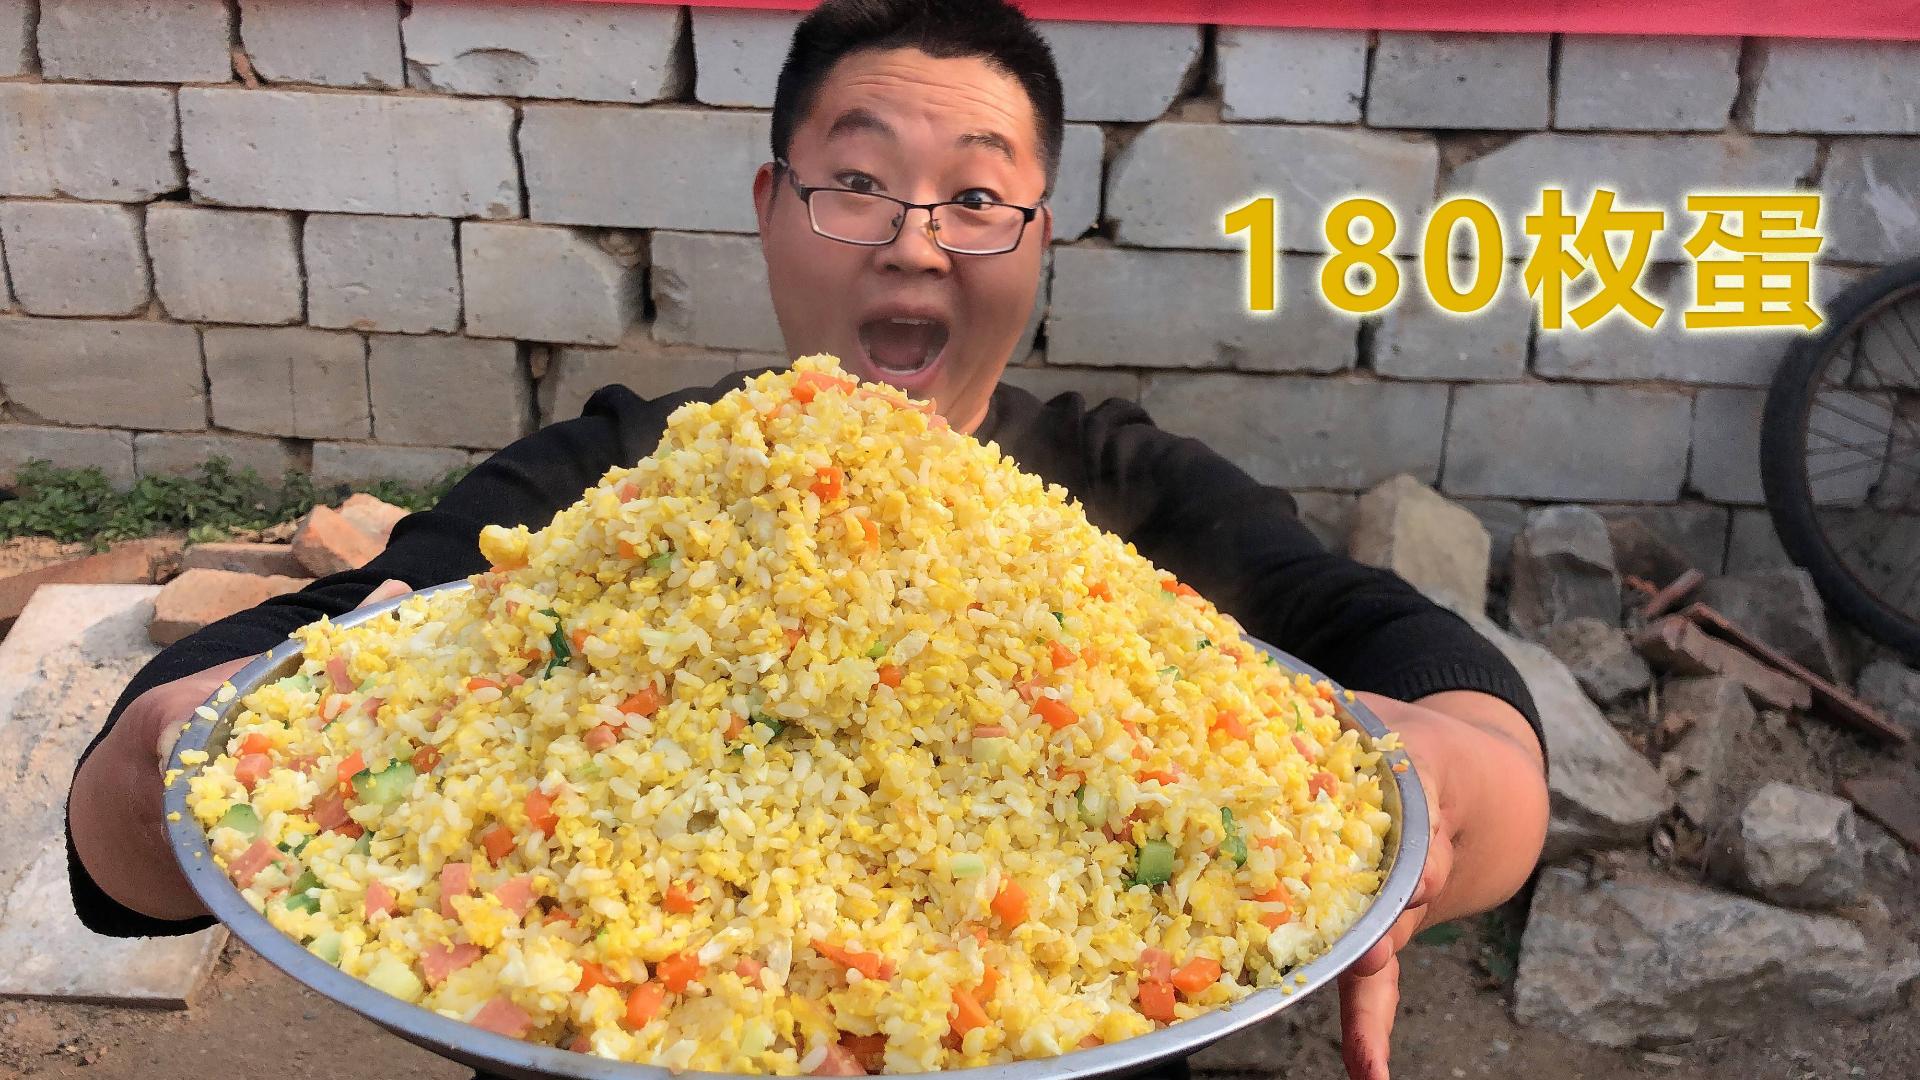 180枚蛋做份蛋炒饭,粒粒金黄,香气扑鼻,网友:蛋是不要钱吗?